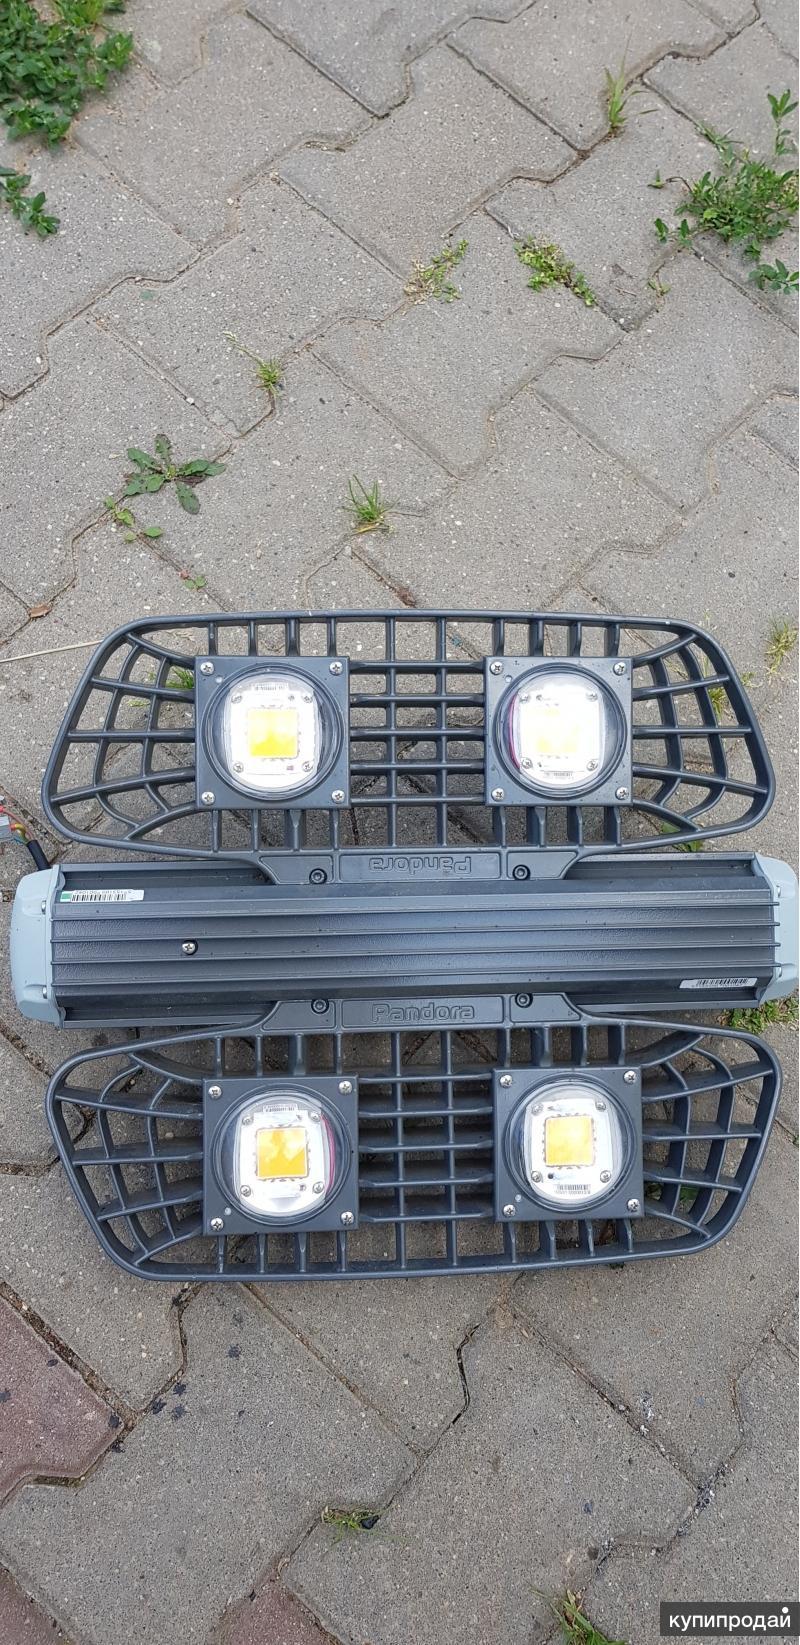 Светодиодные светильники Pandora Led